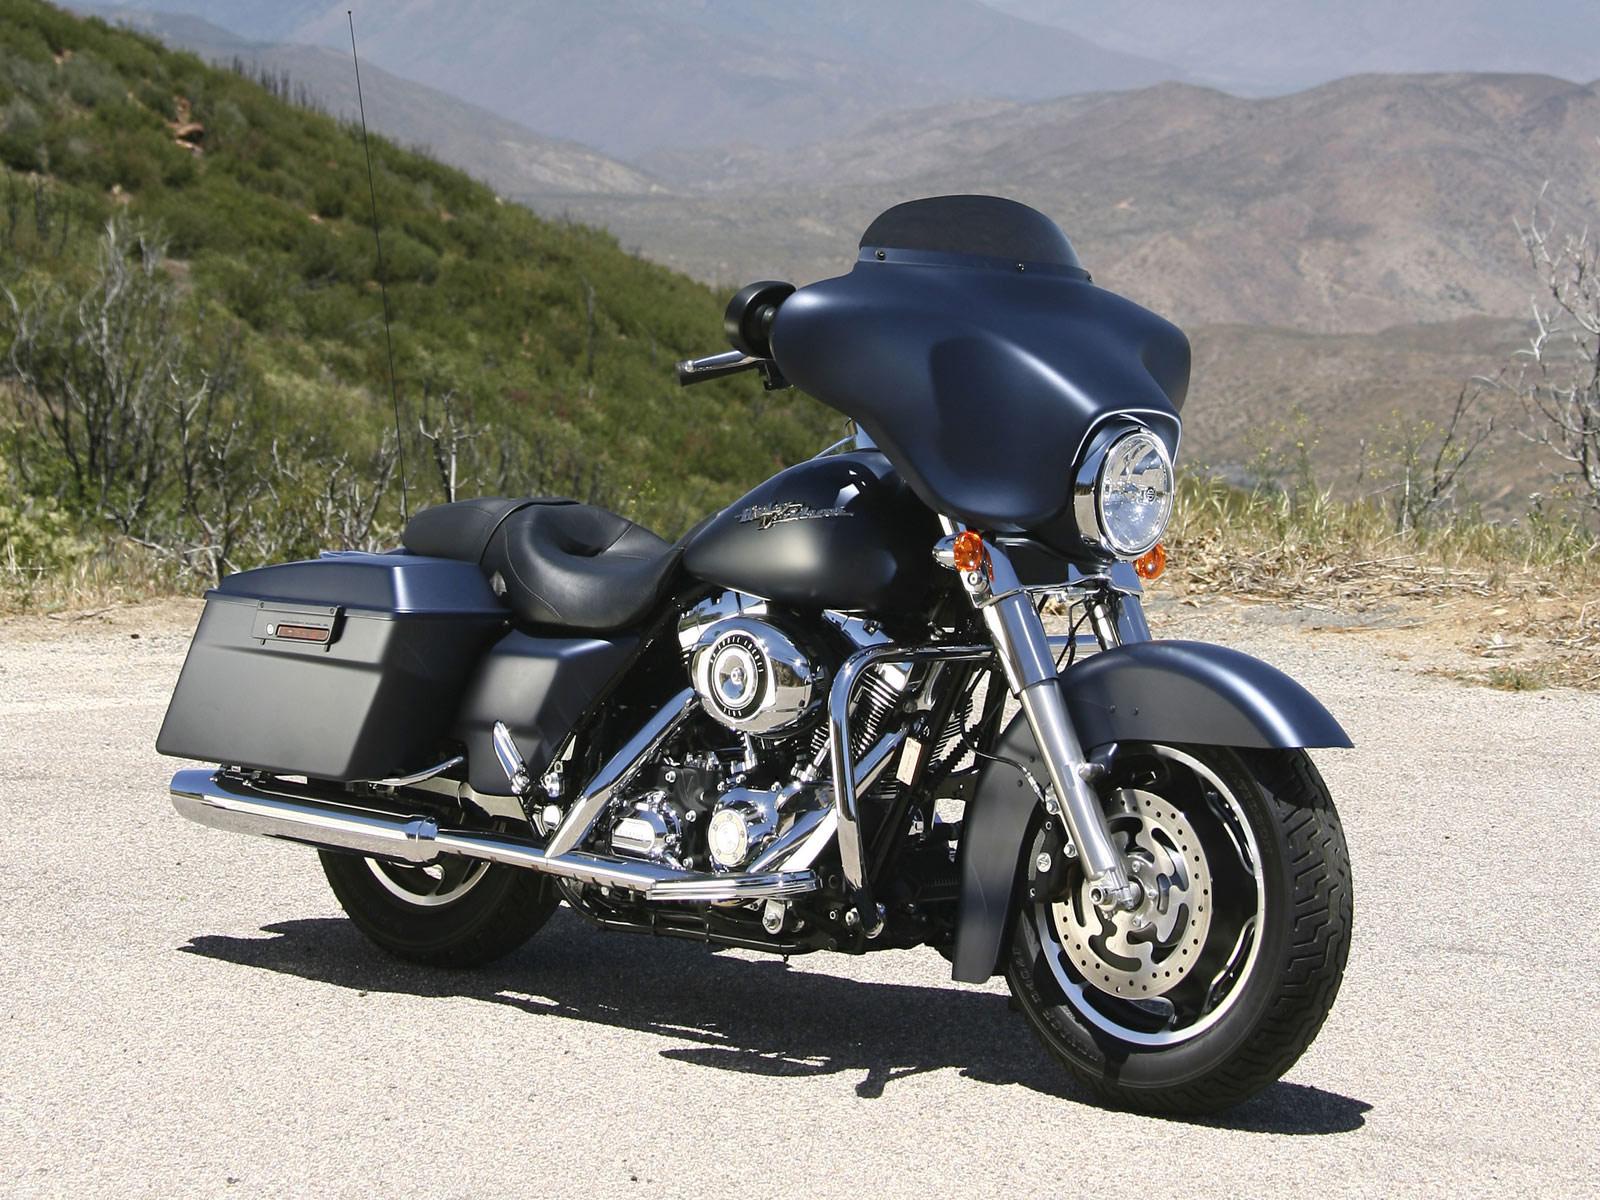 2008 HarleyDavidson FLHX Street Glide pictures